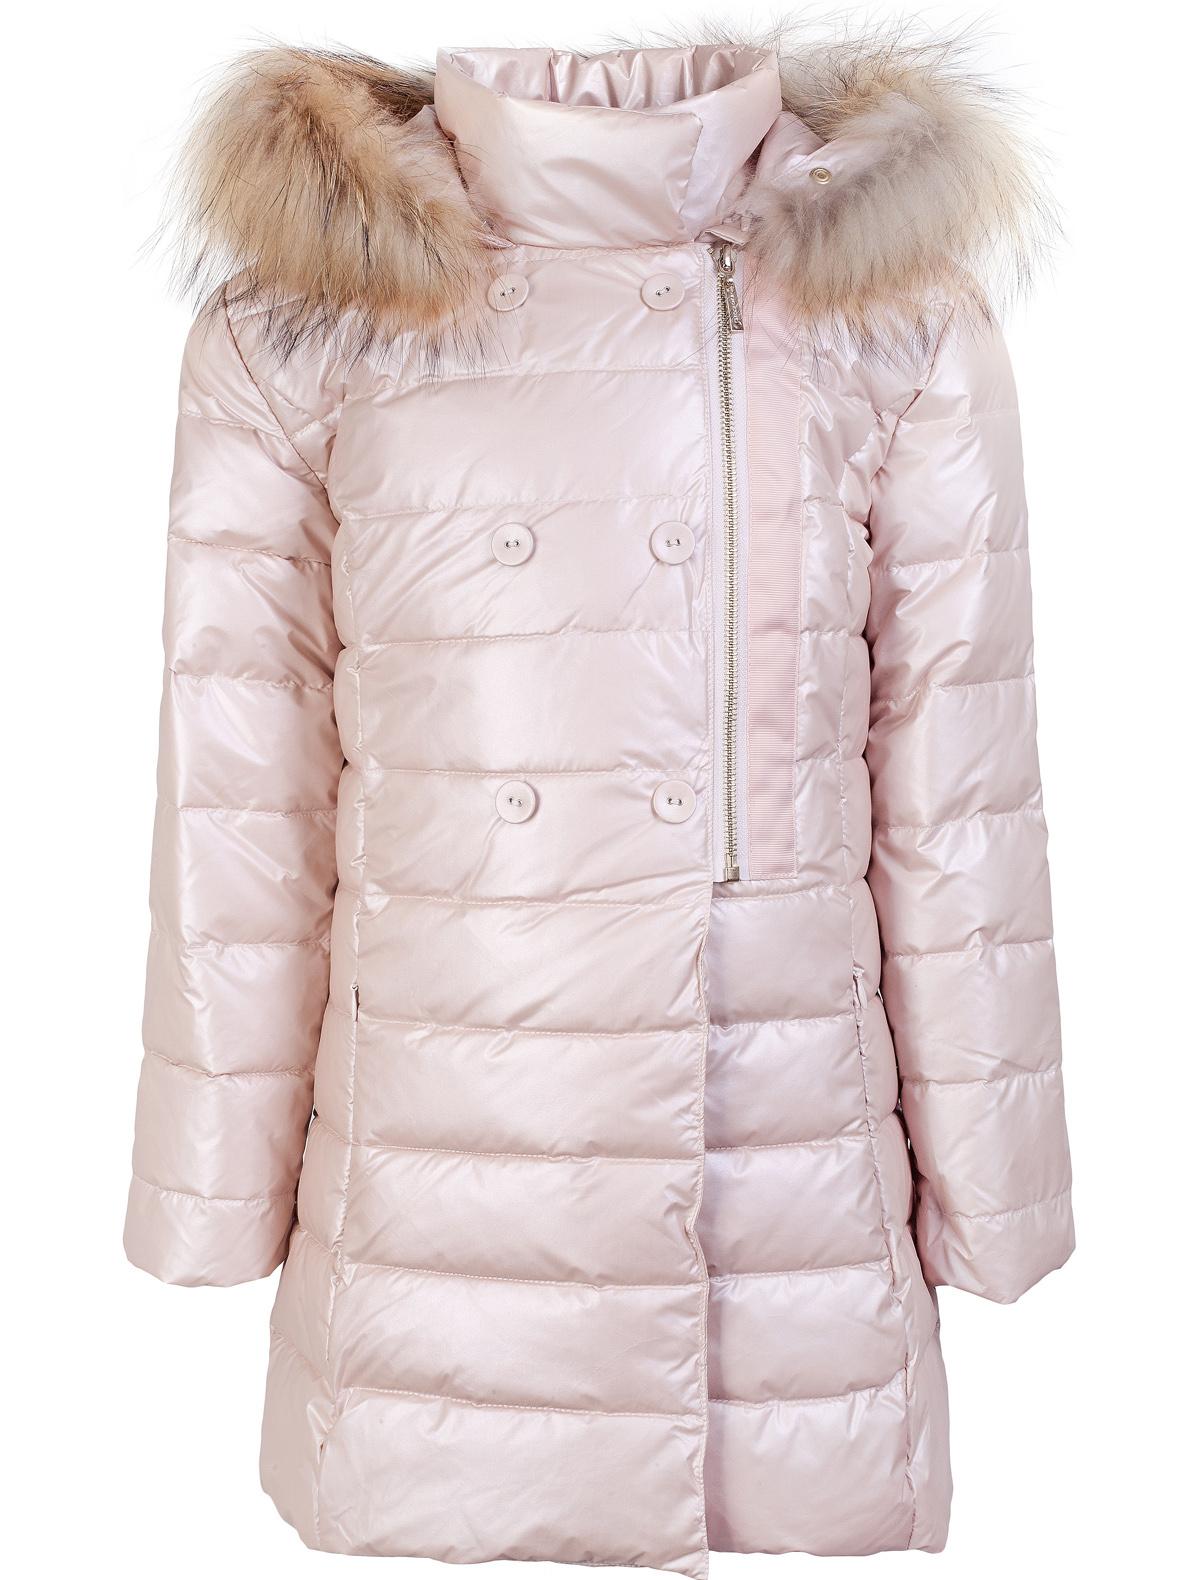 Купить 1880252, Пальто SILVIAN HEACH Kids, розовый, Женский, 1122609680113